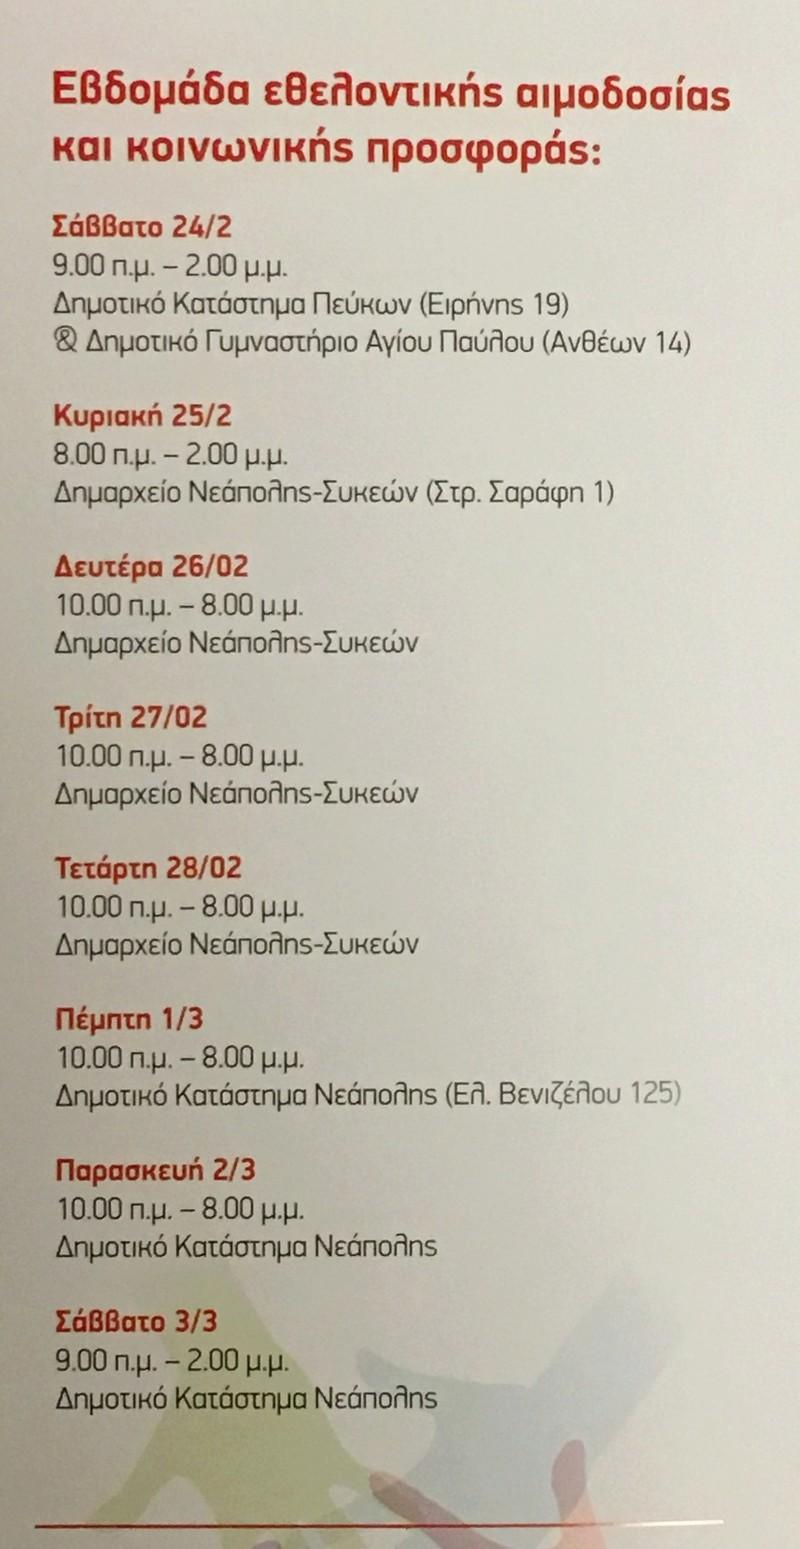 ΠΑΜΕ ΓΙΑ ΑΙΜΟΔΟΣΙΑ - Σελίδα 15 Img_2710